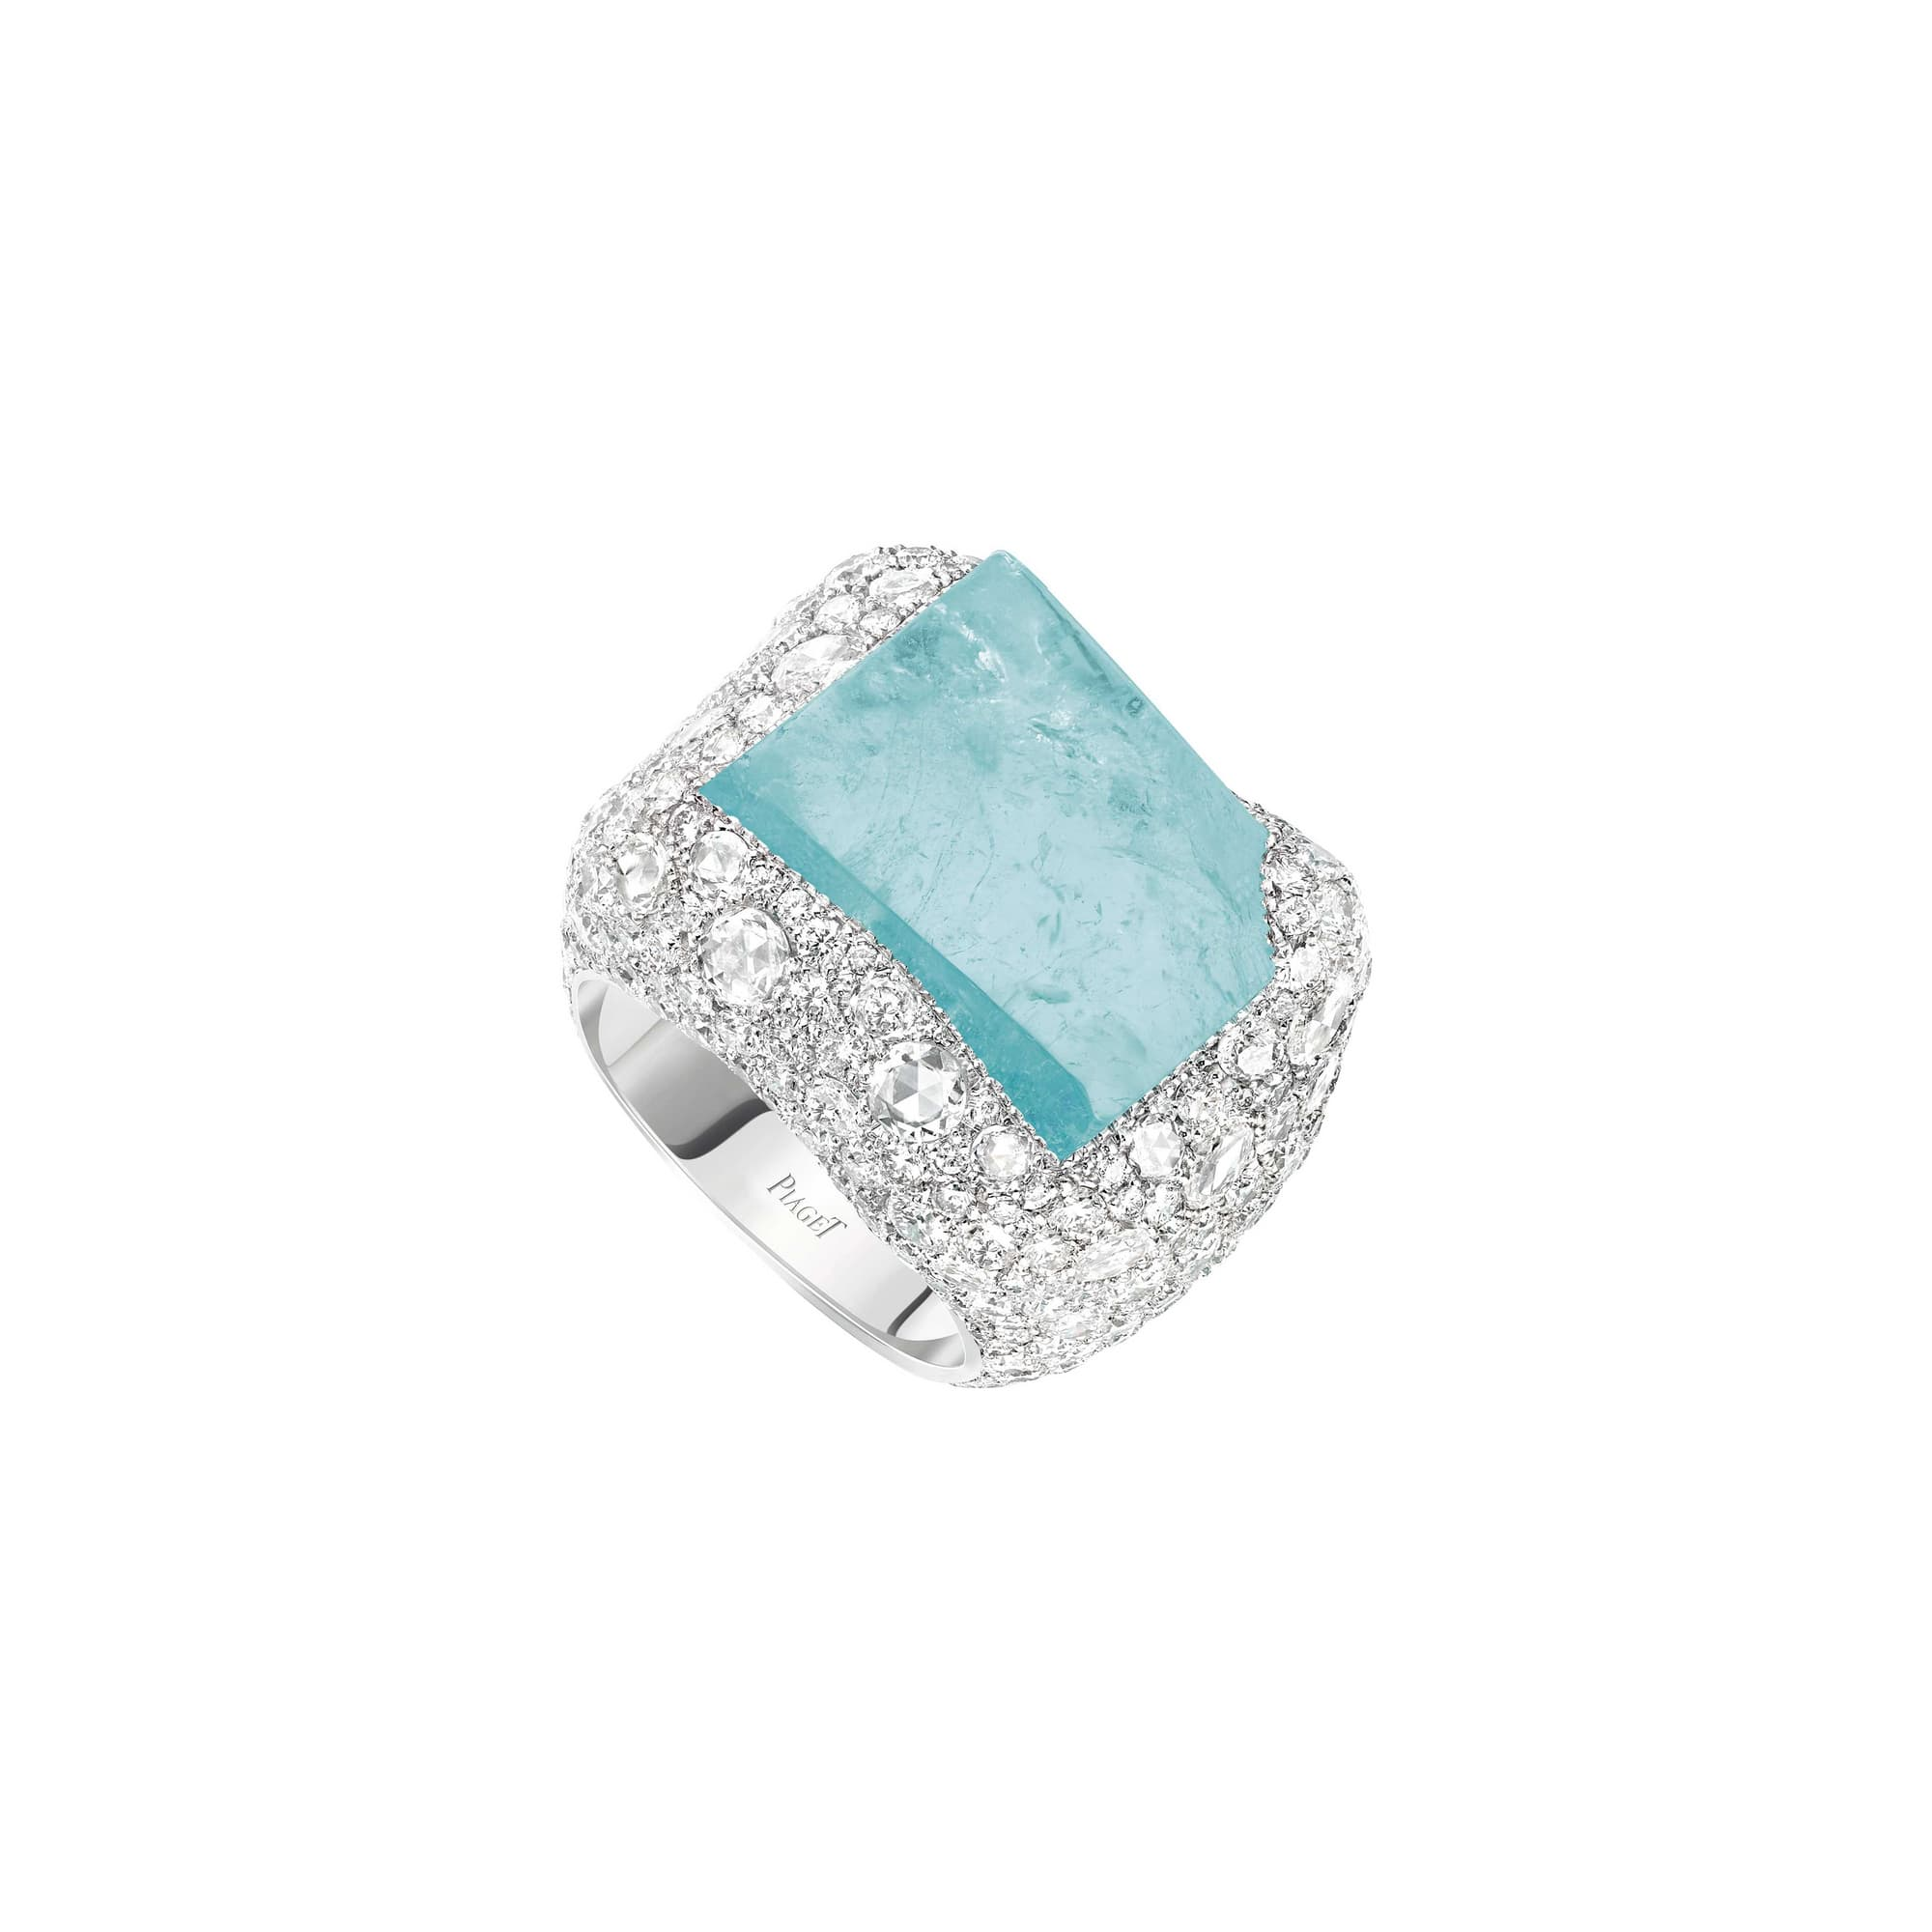 PIAGET伯爵高级珠宝钻石戒指